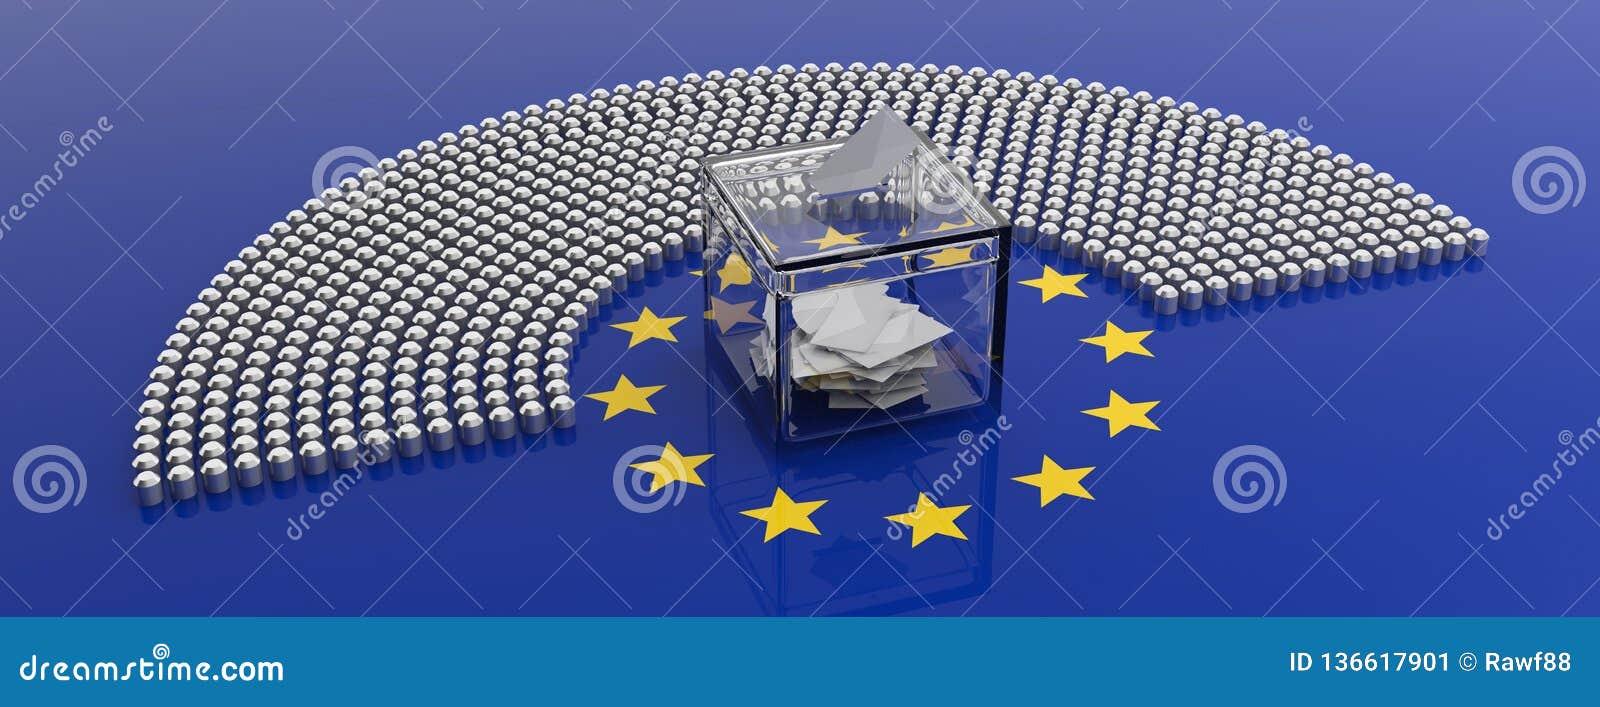 Sedili del Parlamento dell Unione Europea e una scatola di voto sul fondo della bandiera di UE illustrazione 3D